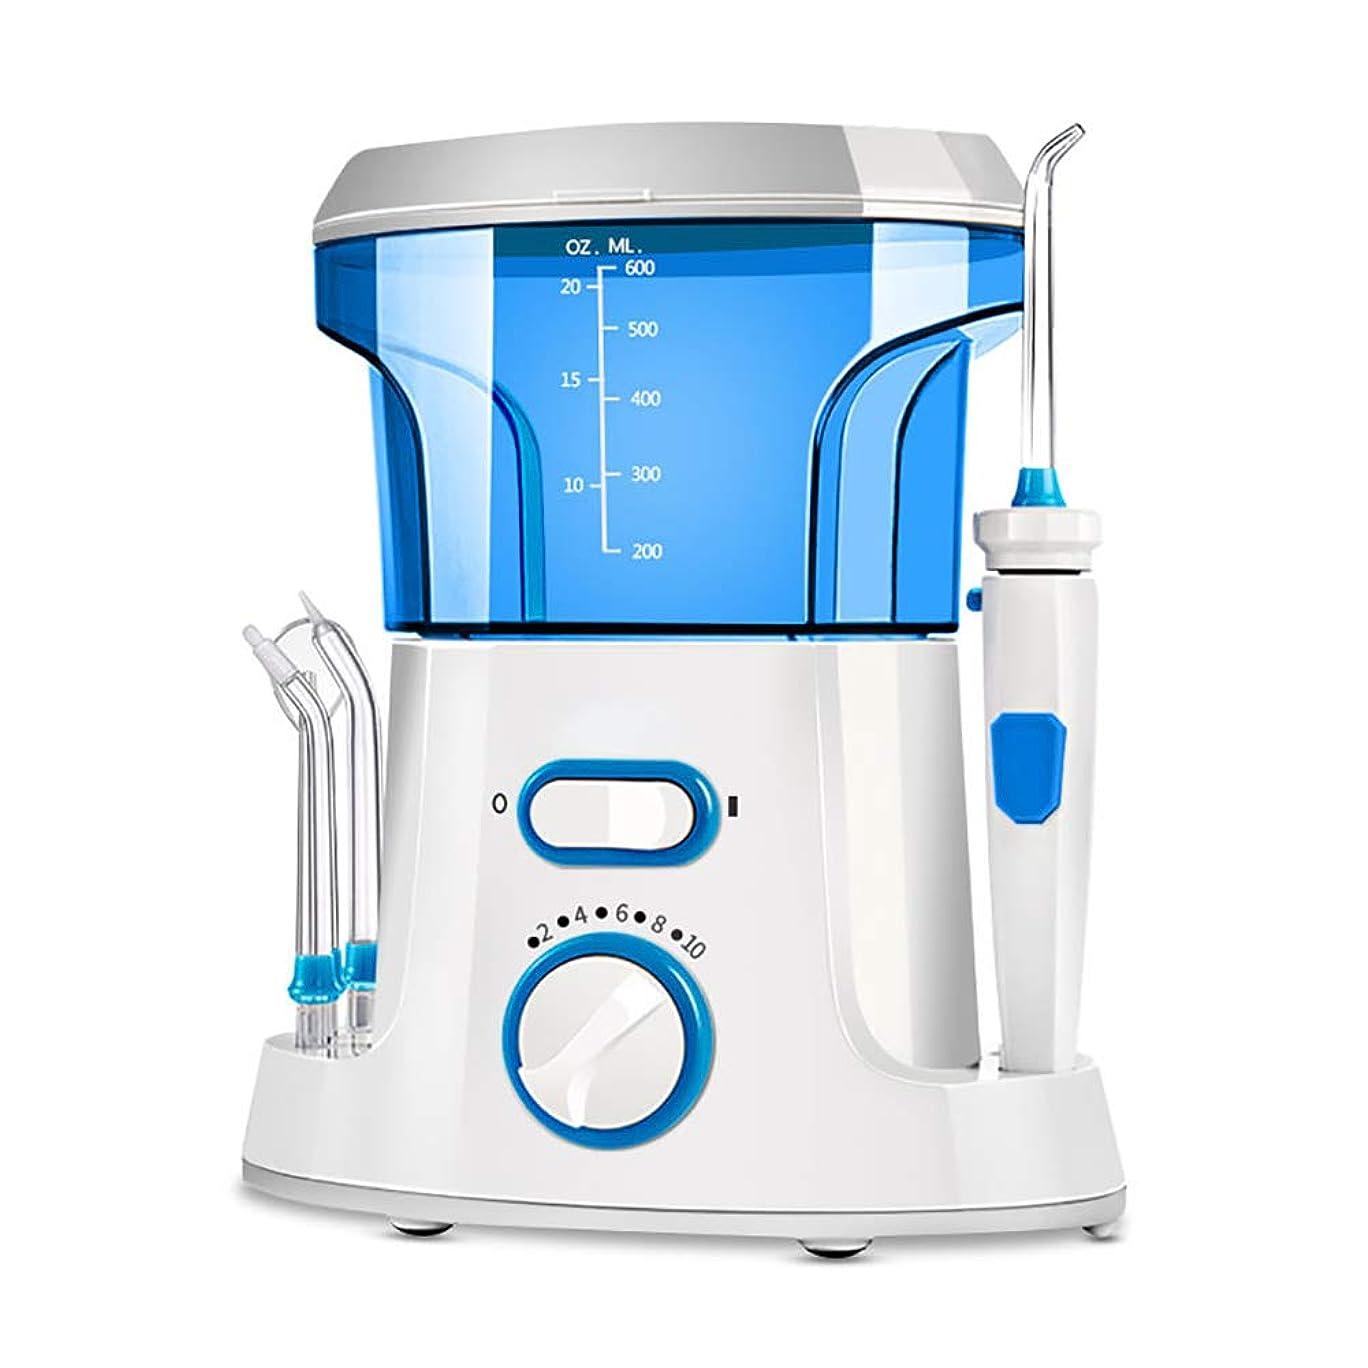 胆嚢お香注ぎます電気歯の洗剤のキットの世帯の自動理性的な口腔きれいな歯